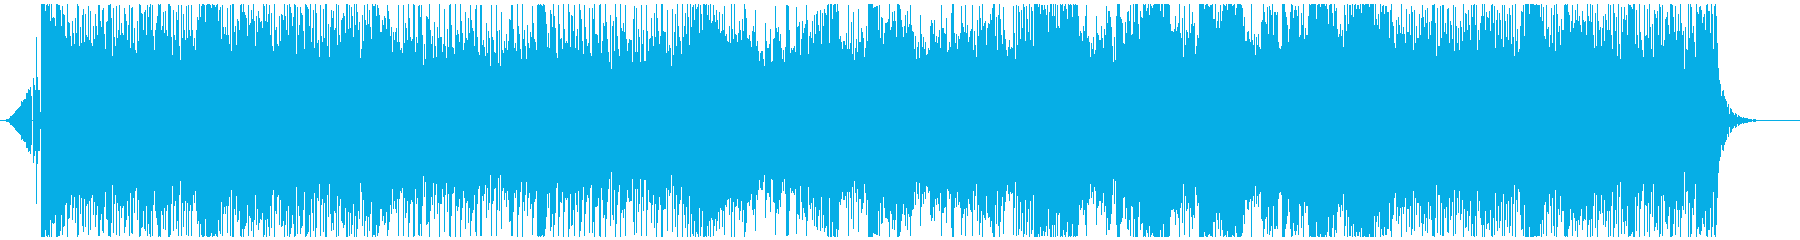 RPGのオープニング風ドラムンベースの再生済みの波形